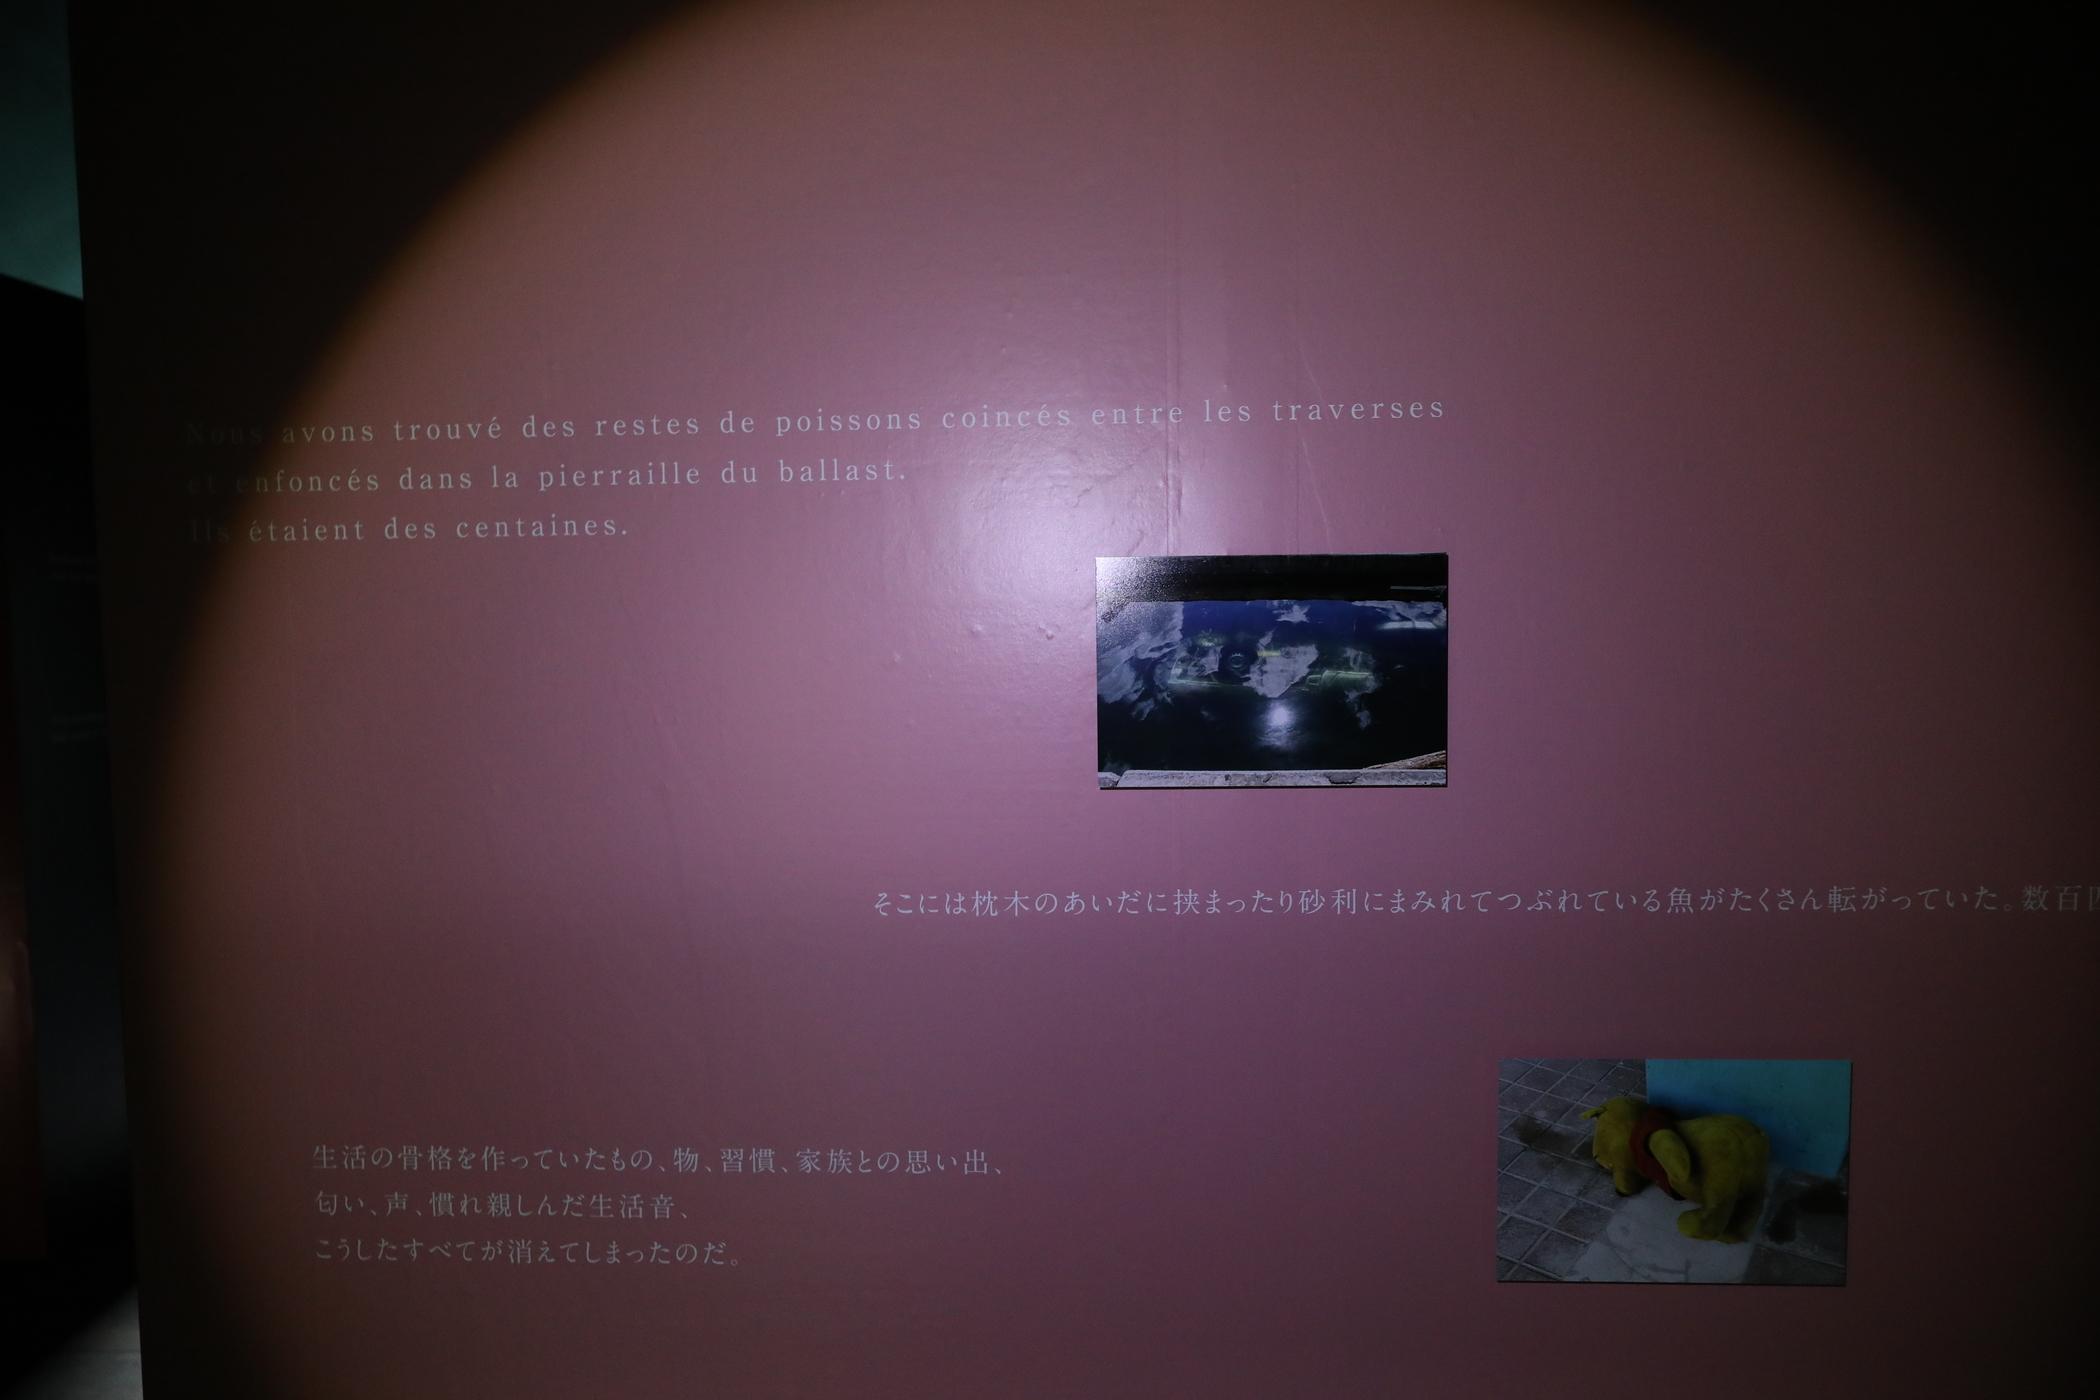 f:id:MAREOSIEV:20211002001334j:plain